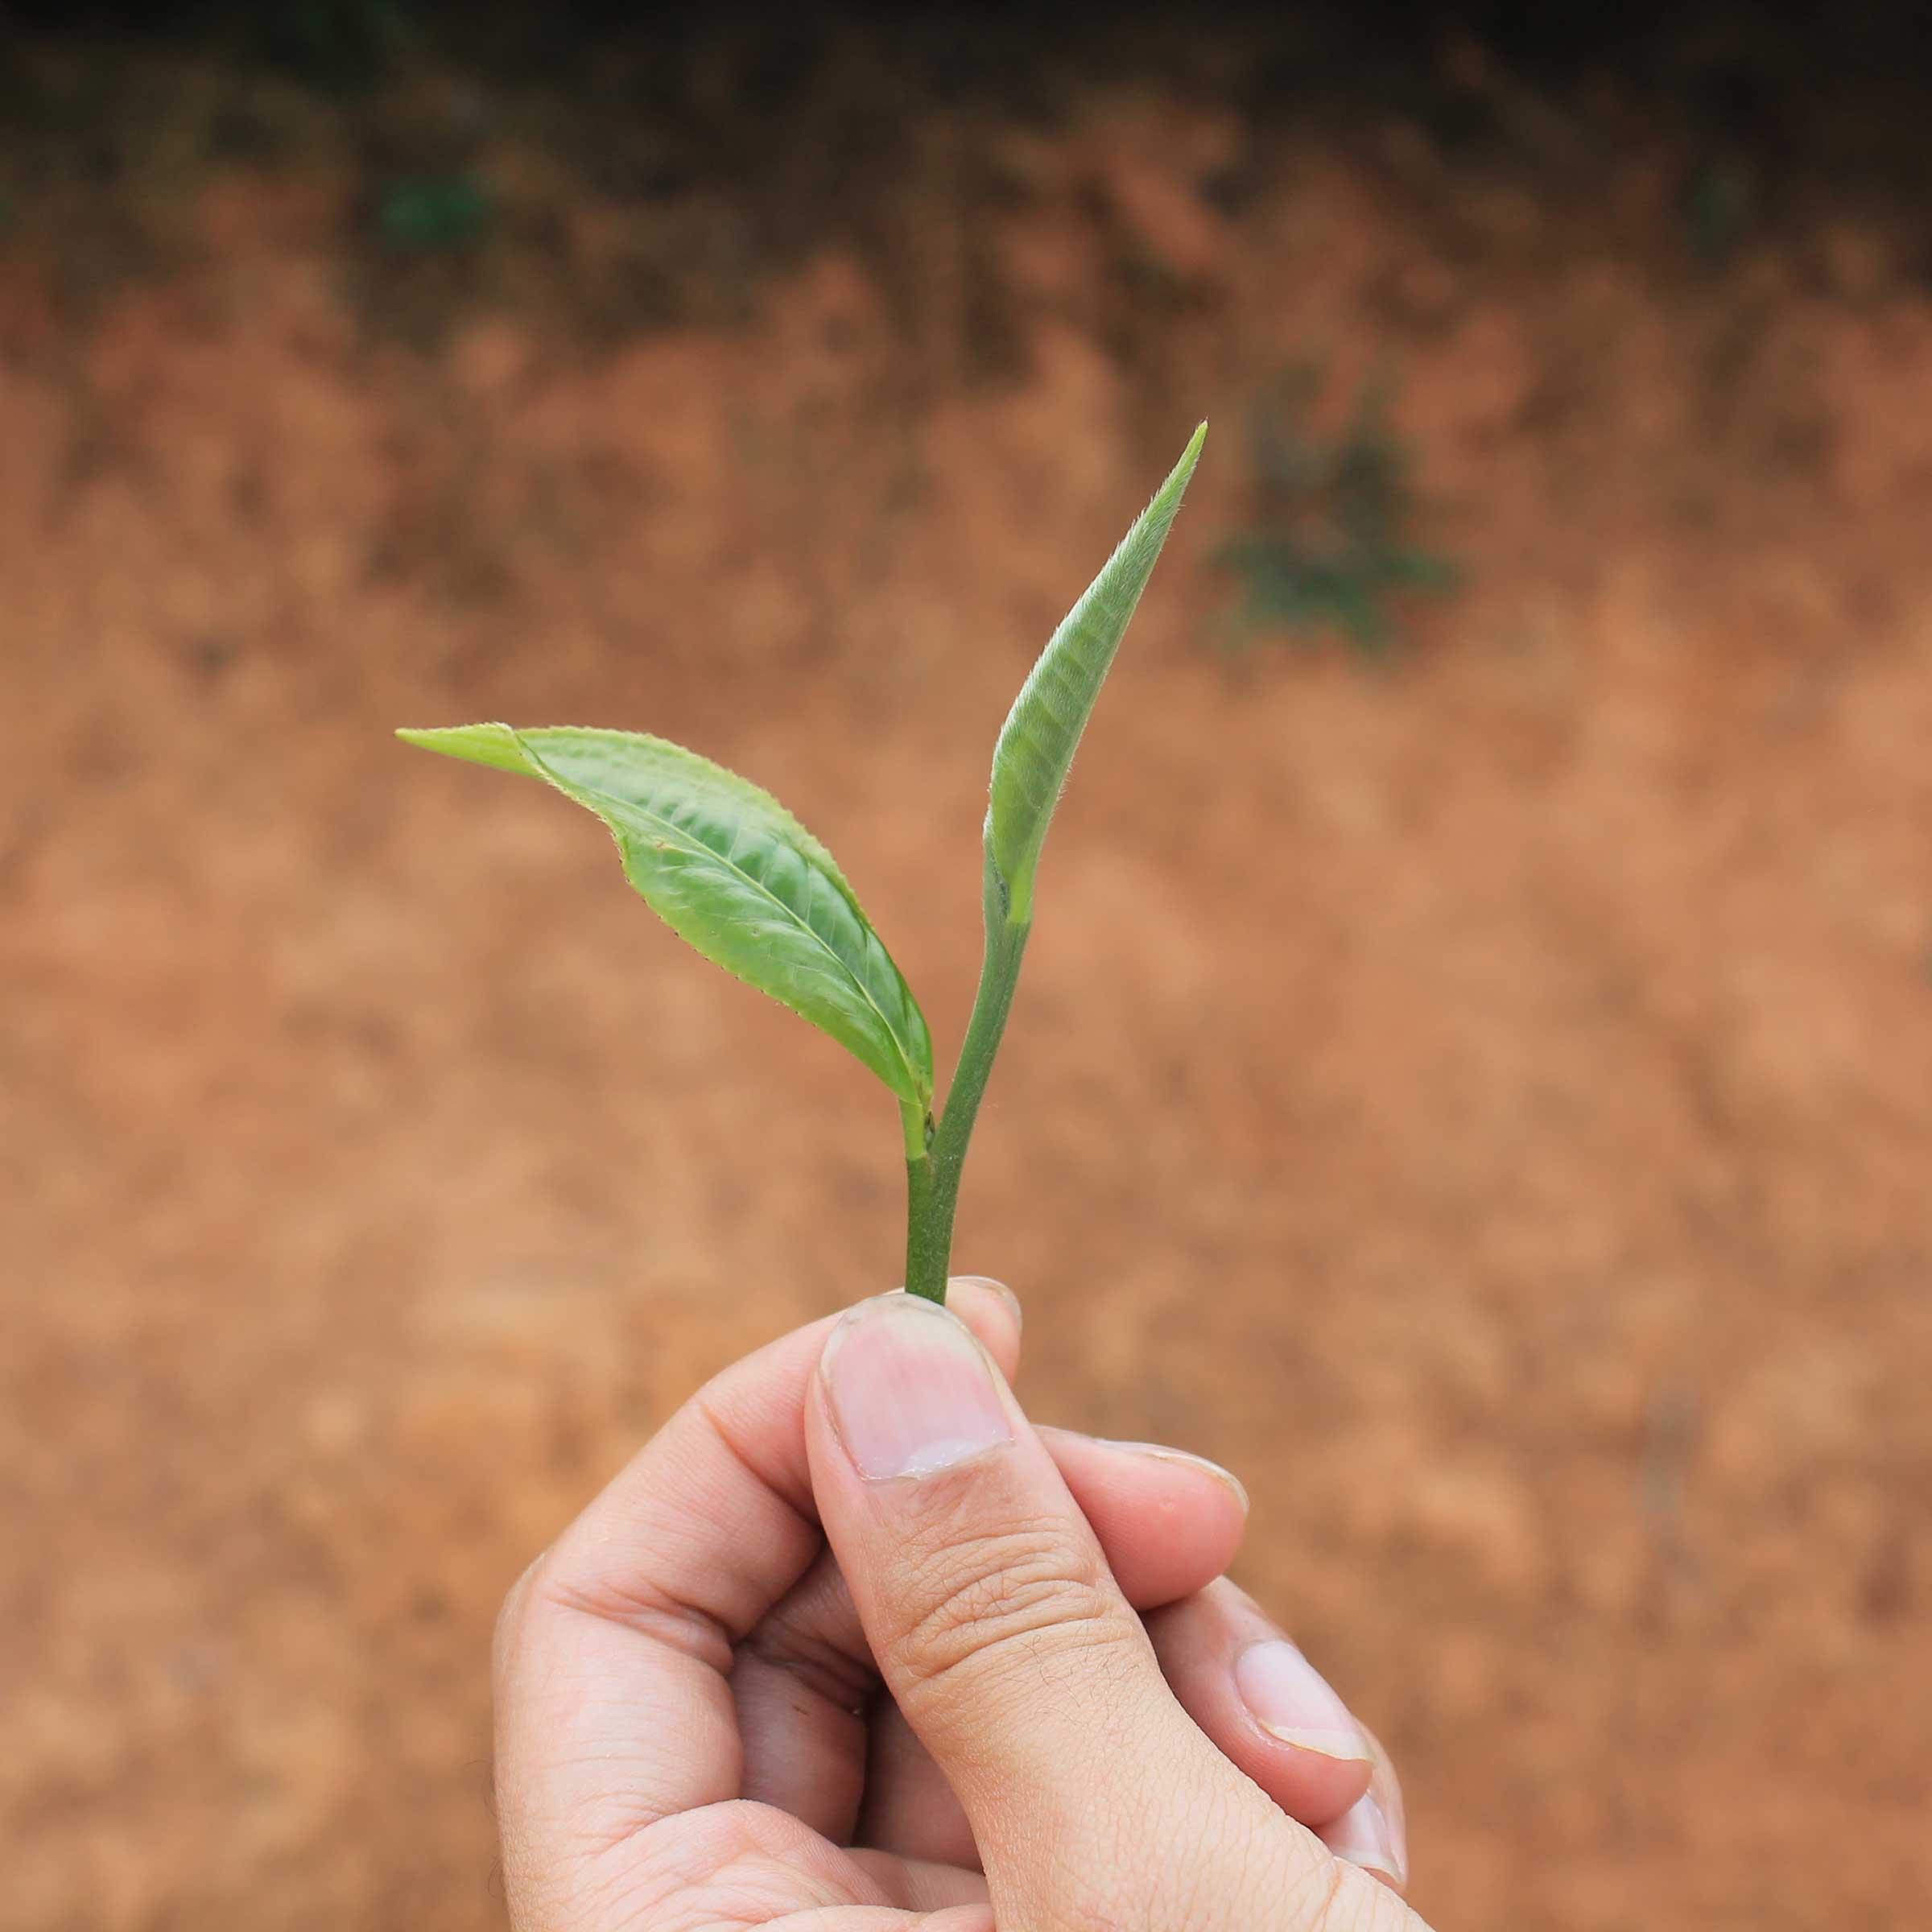 Raw Pu erh Tea Leaf